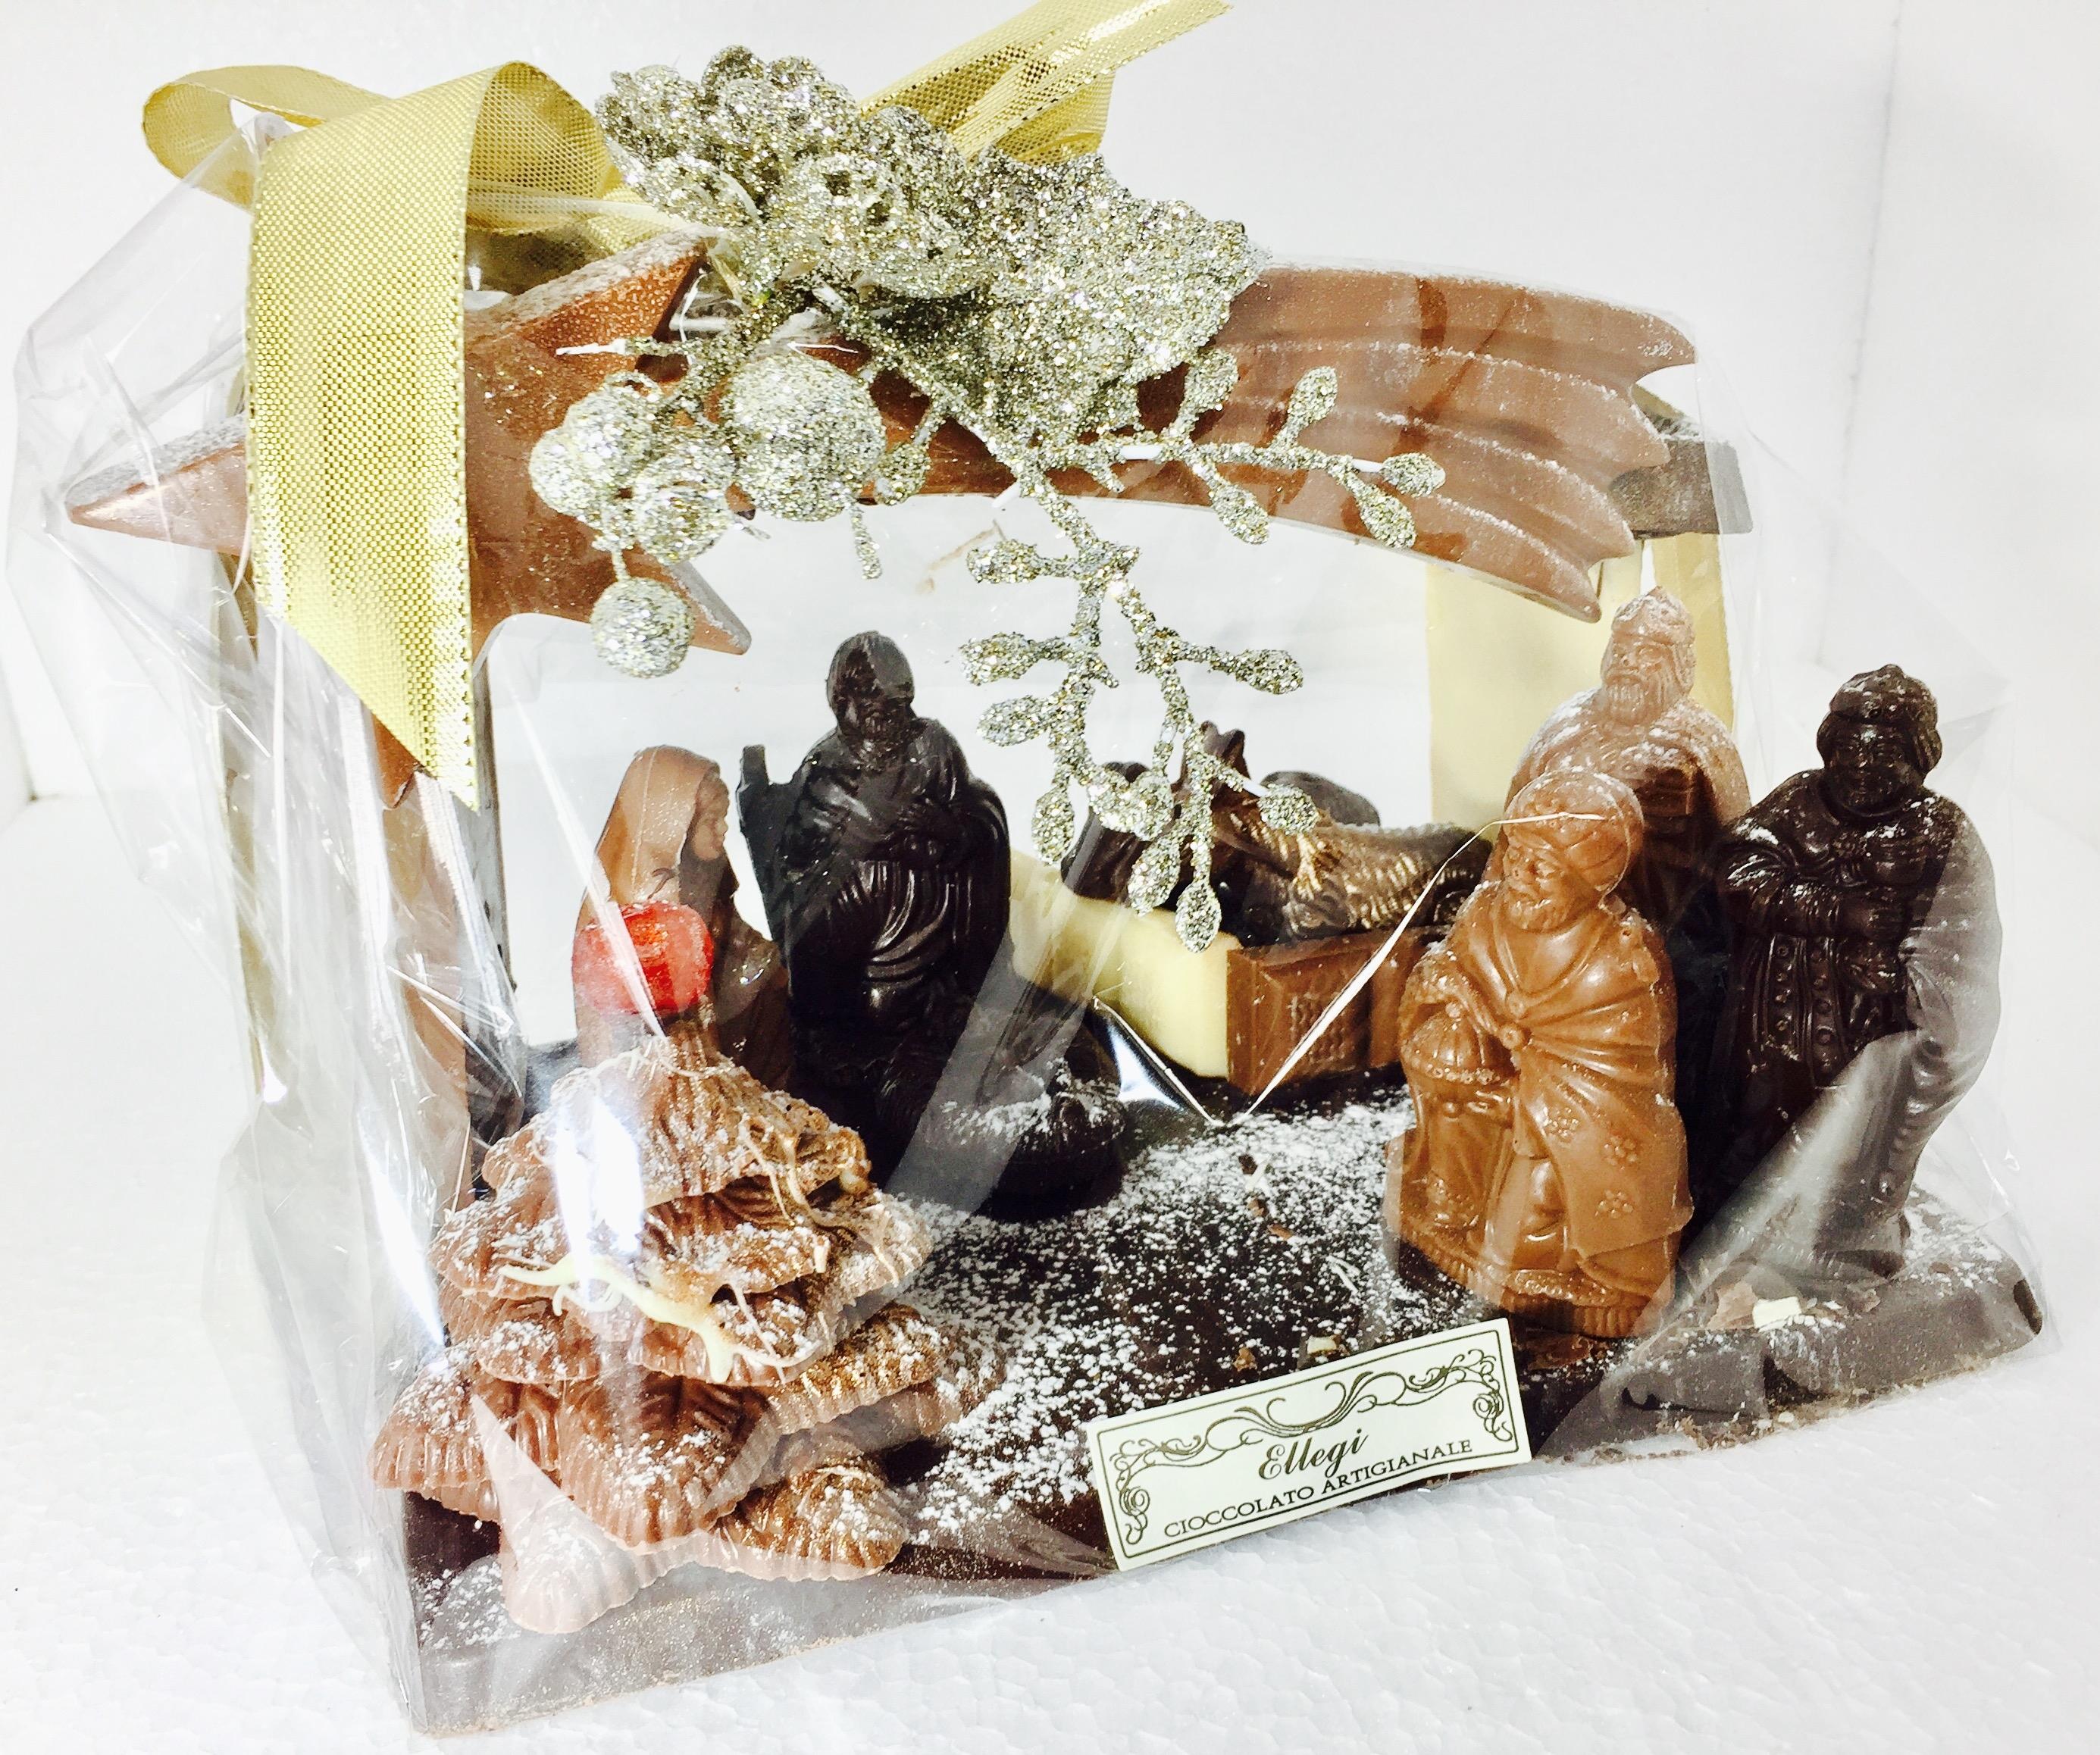 Presepe di cioccolata e torrone artigianale